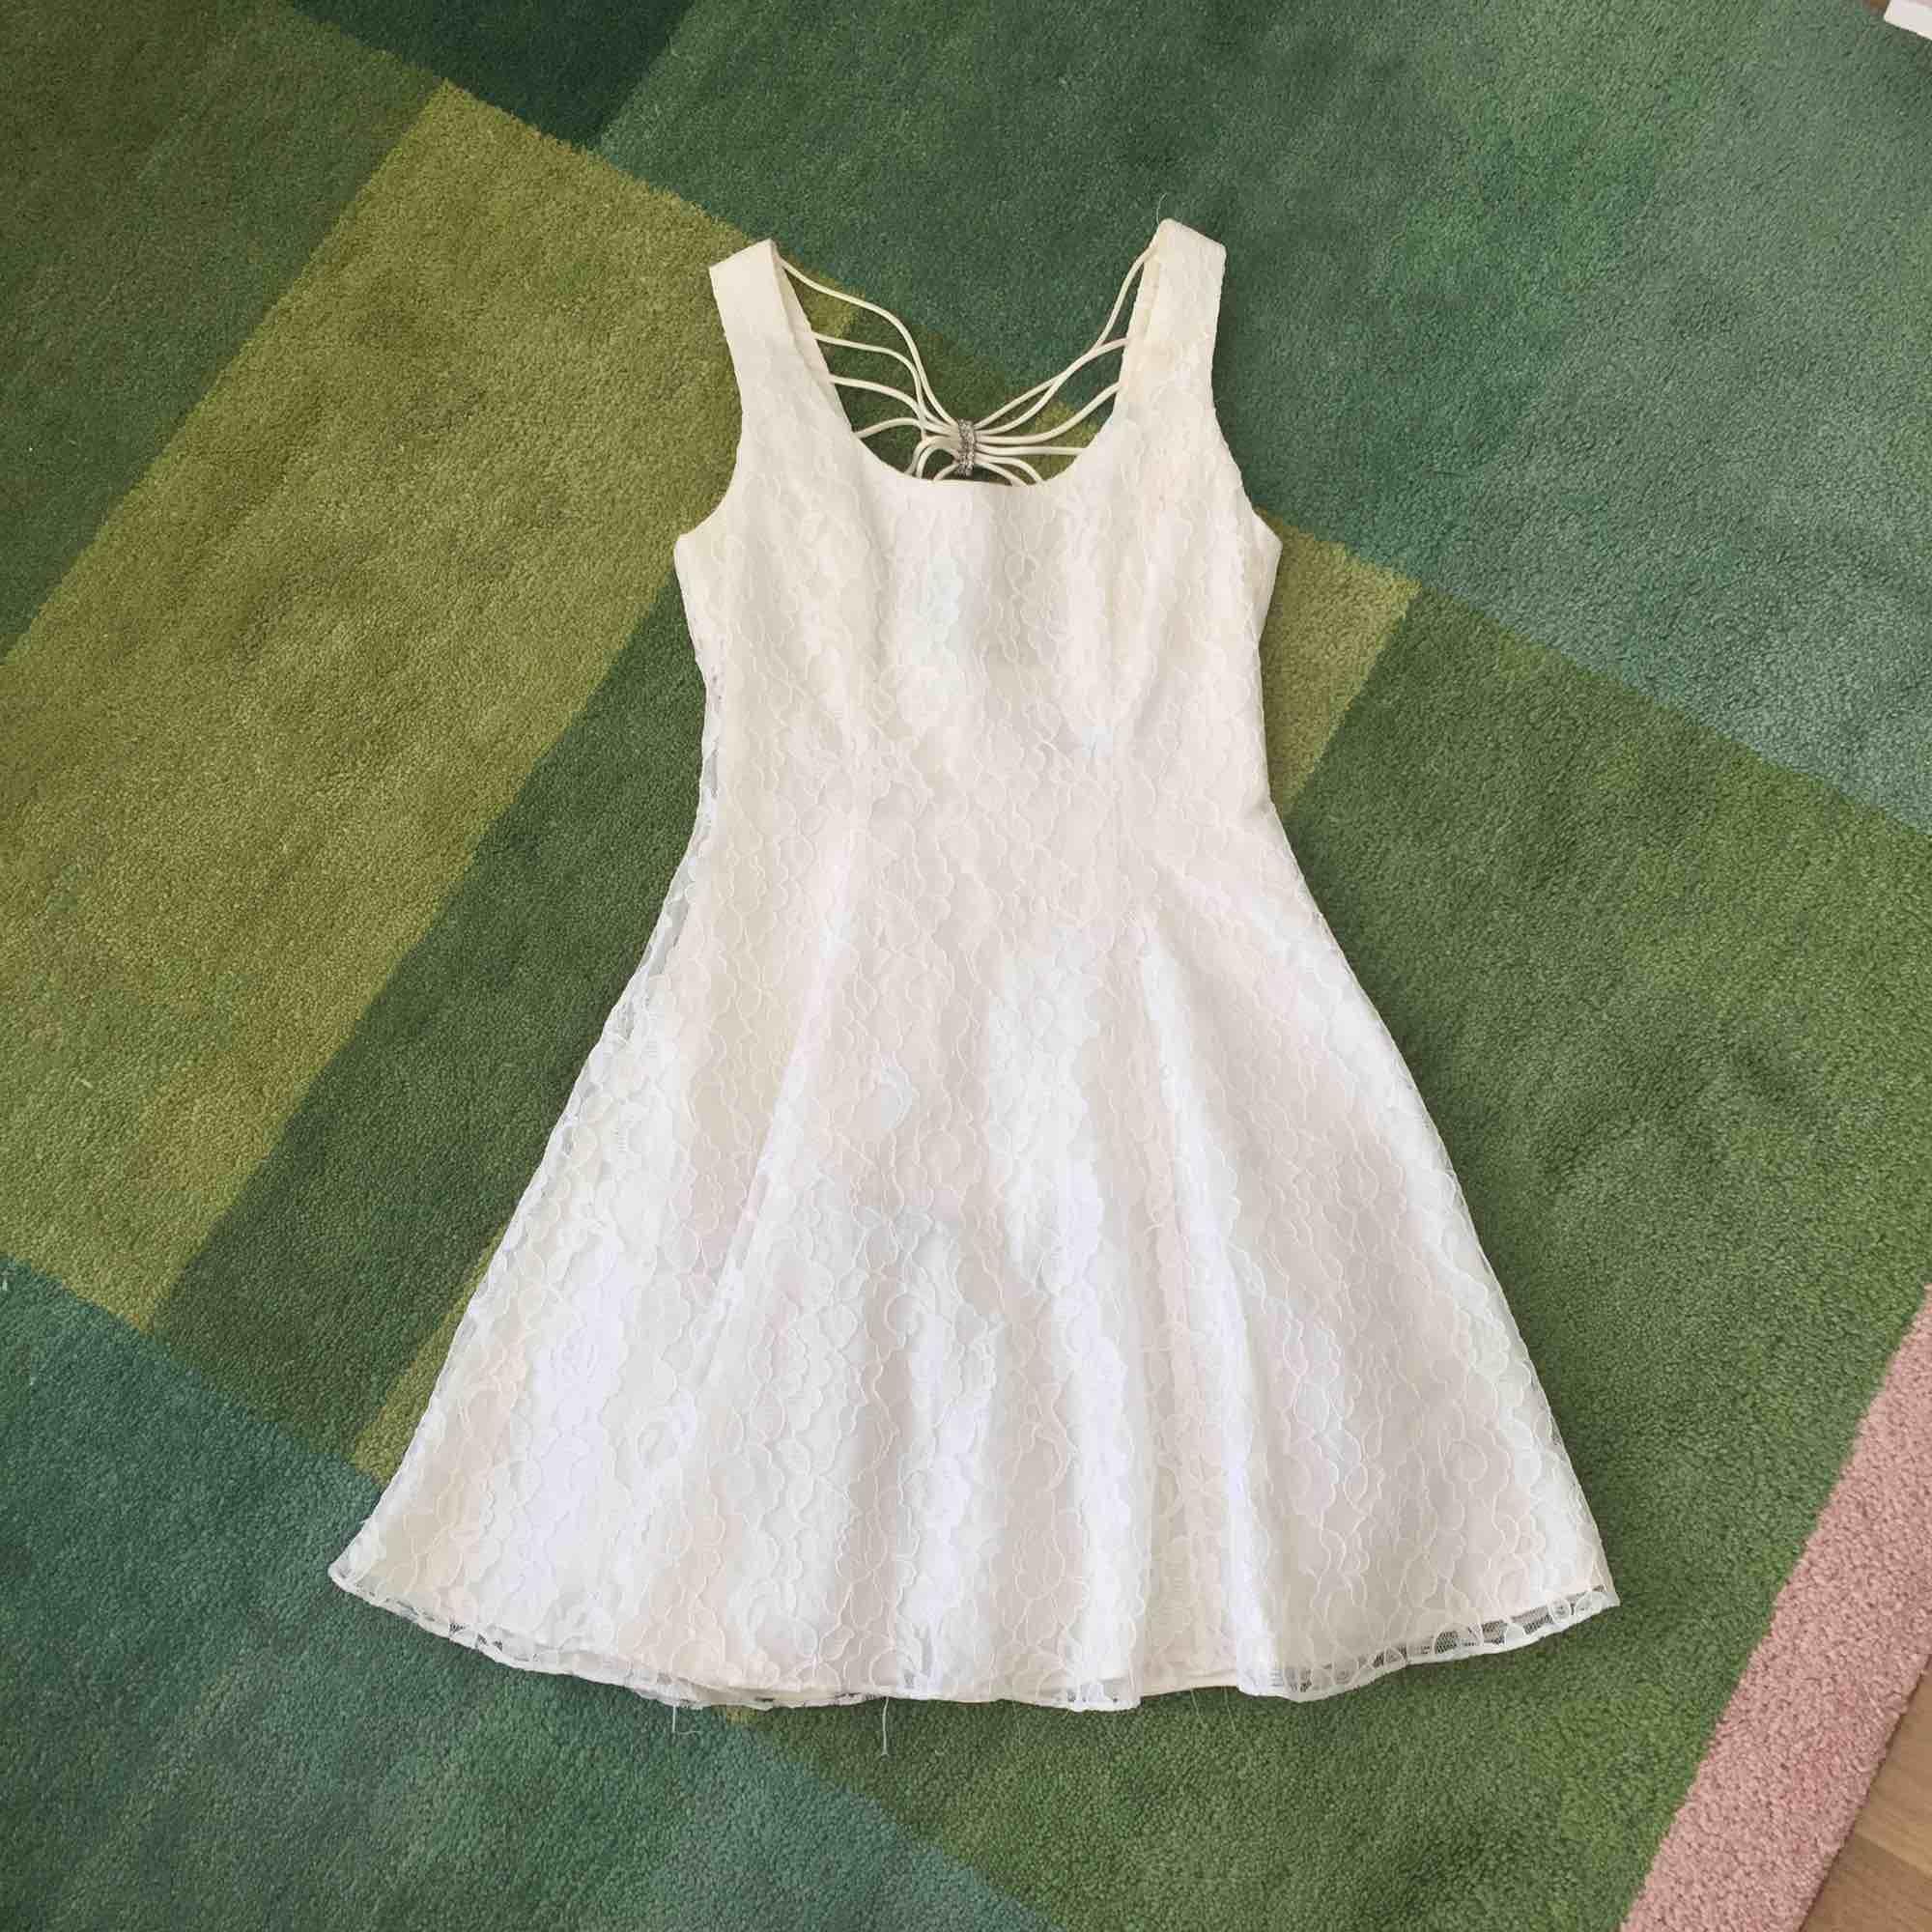 f96737417b3f Vit spetsklänning från Beyond Retro med vacker rygg och underkjol med tyll. Liten  skada i ...